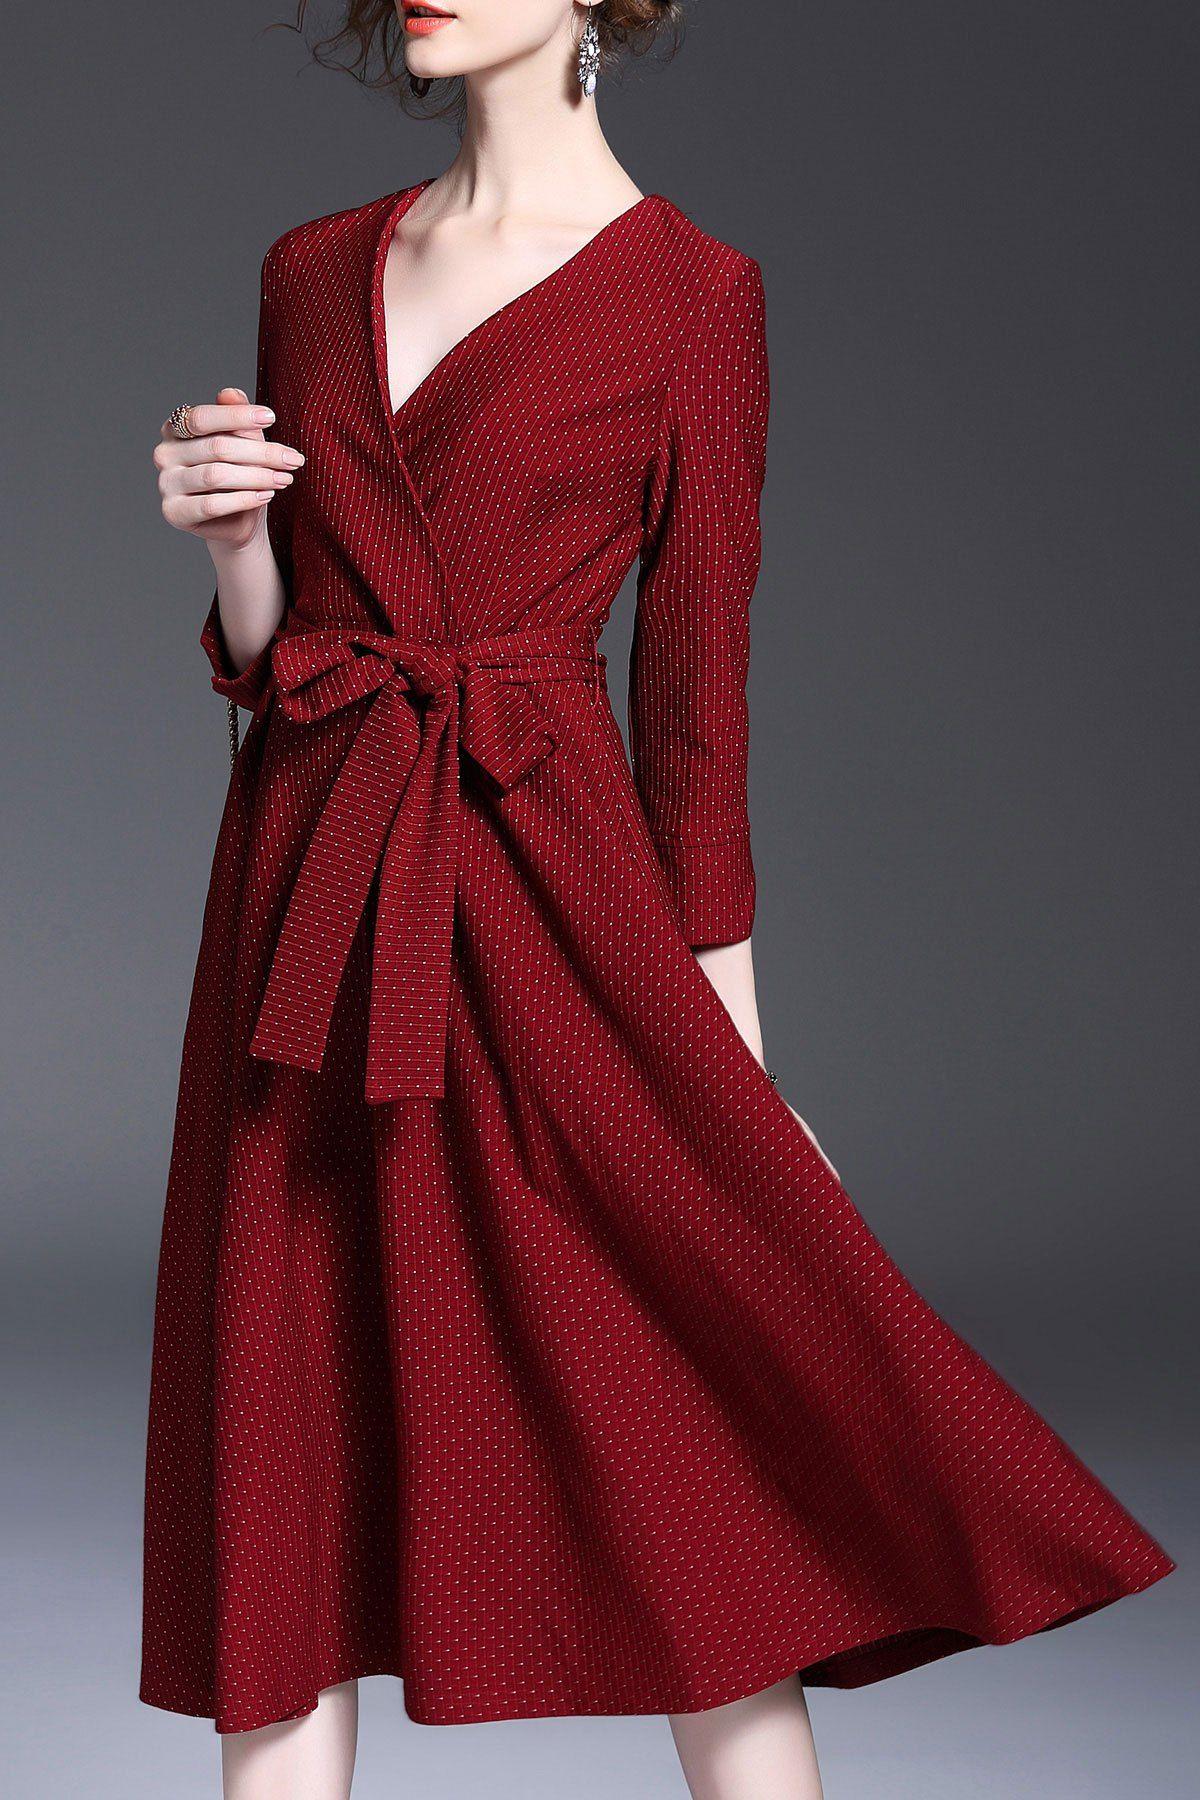 cfac5b46b77c T&c.g Red Polka Dot Surplice Dress | Midi Dresses at DEZZAL ...